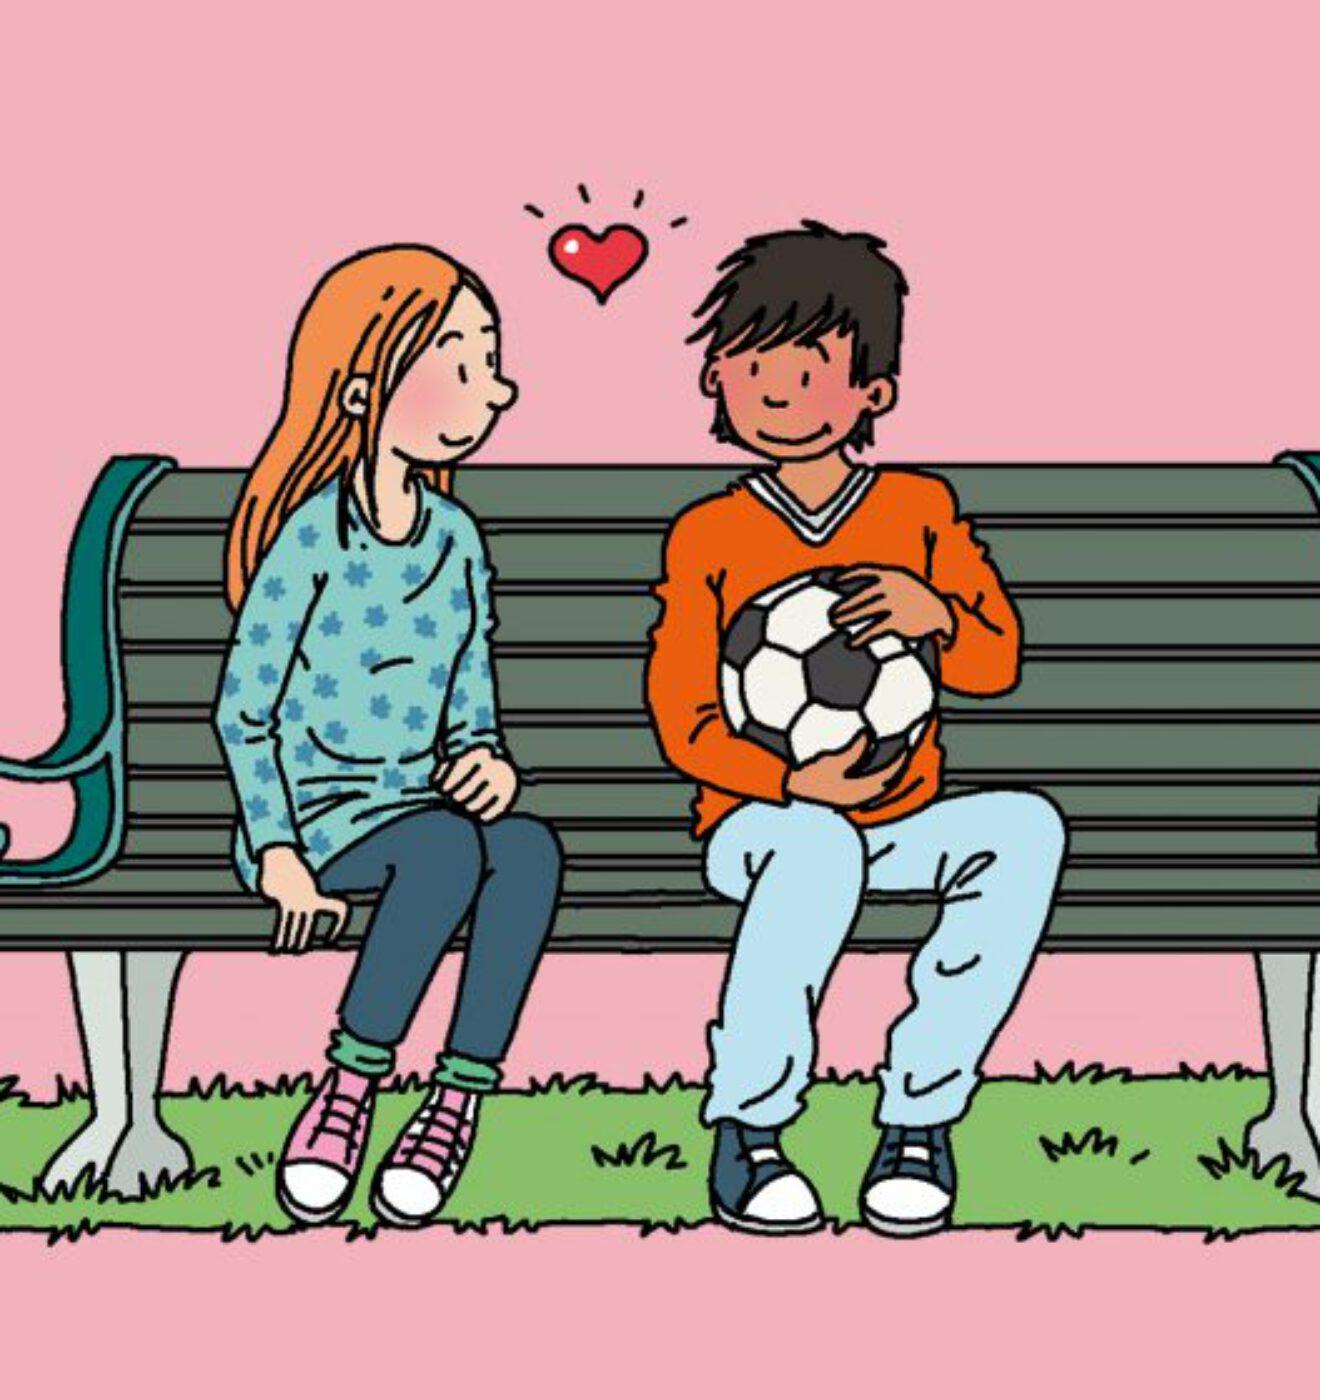 verliefde pubers op een bankje